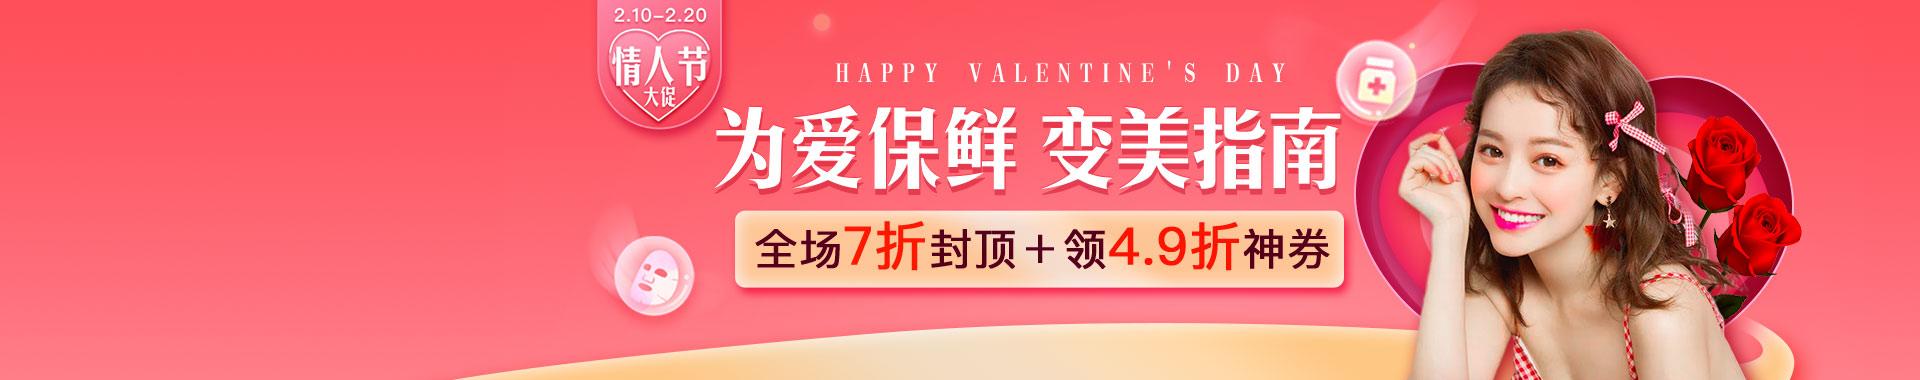 情人節pc banner